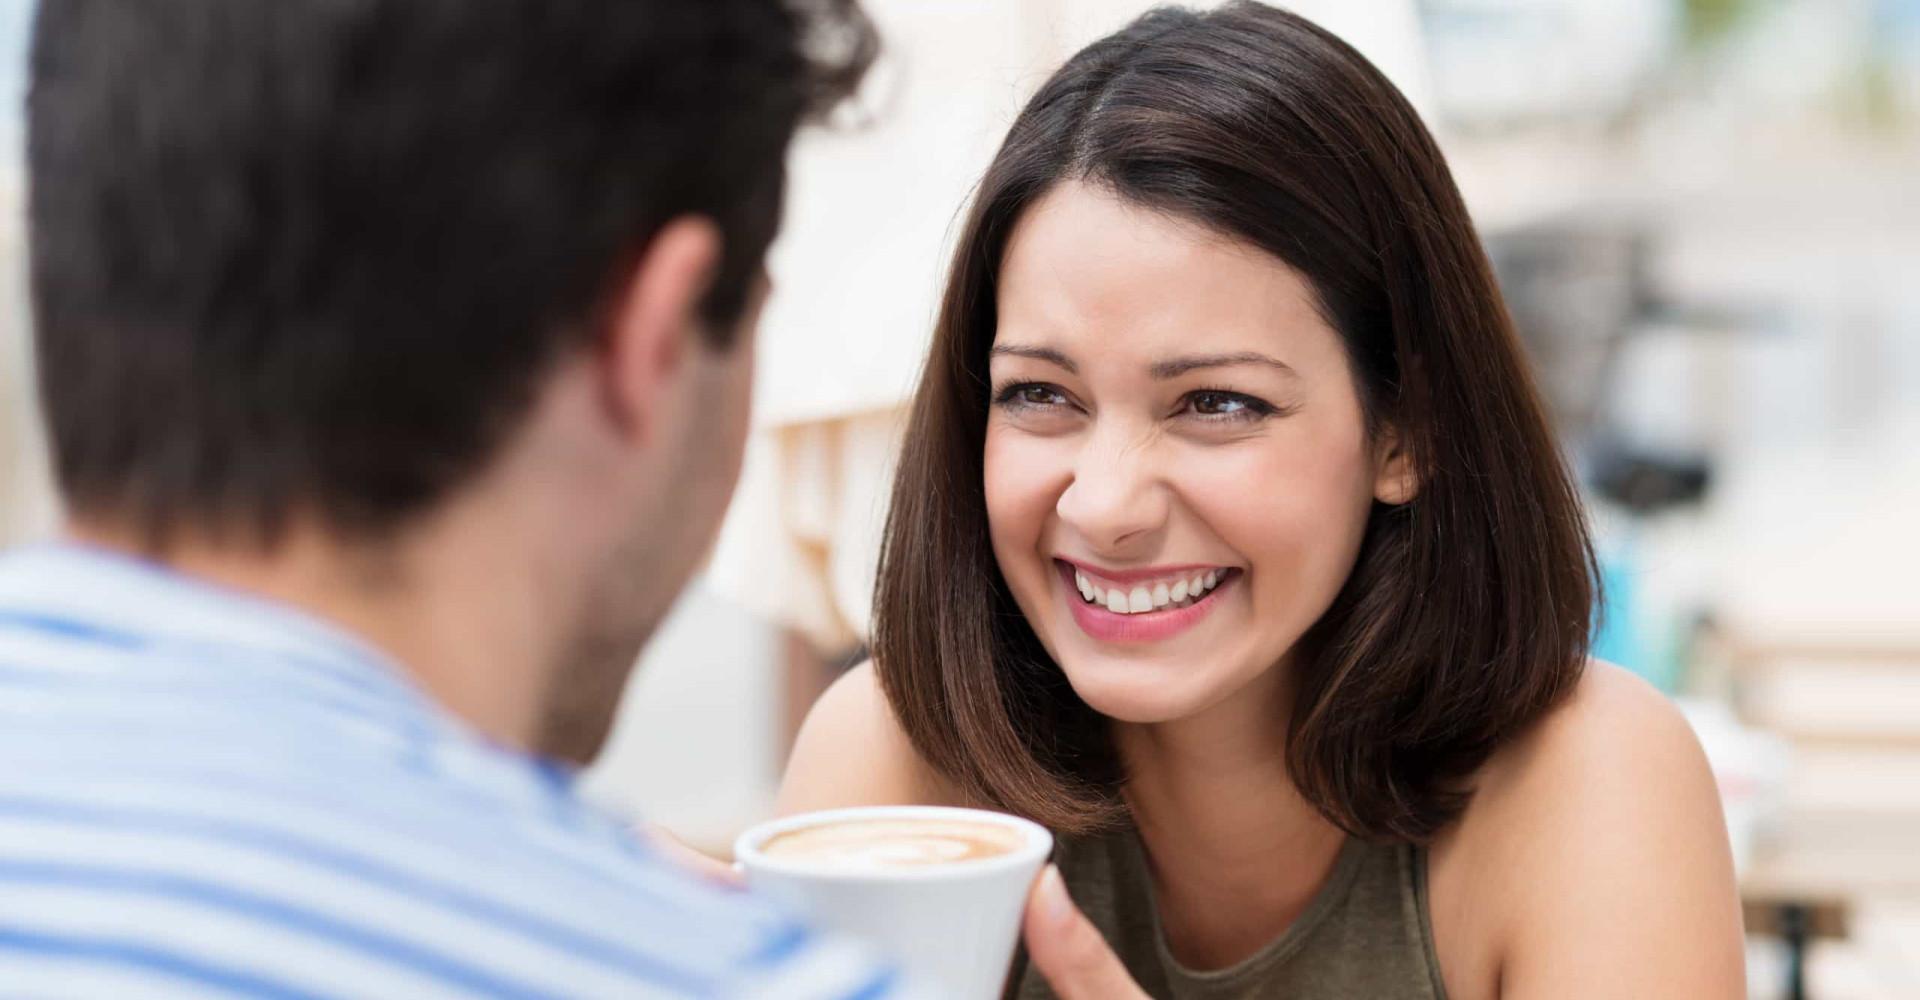 Waarom een geweldige date niet altijd leidt tot een tweede